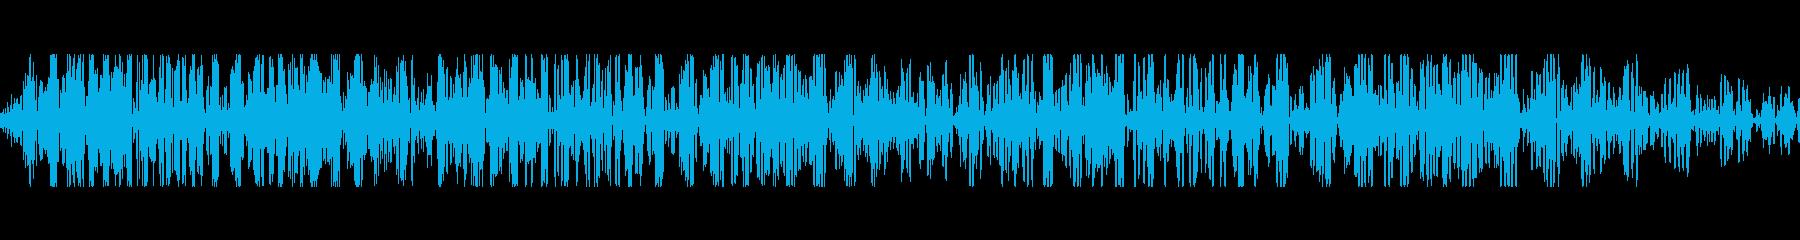 ピロロ(失敗 避ける(RPG))の再生済みの波形